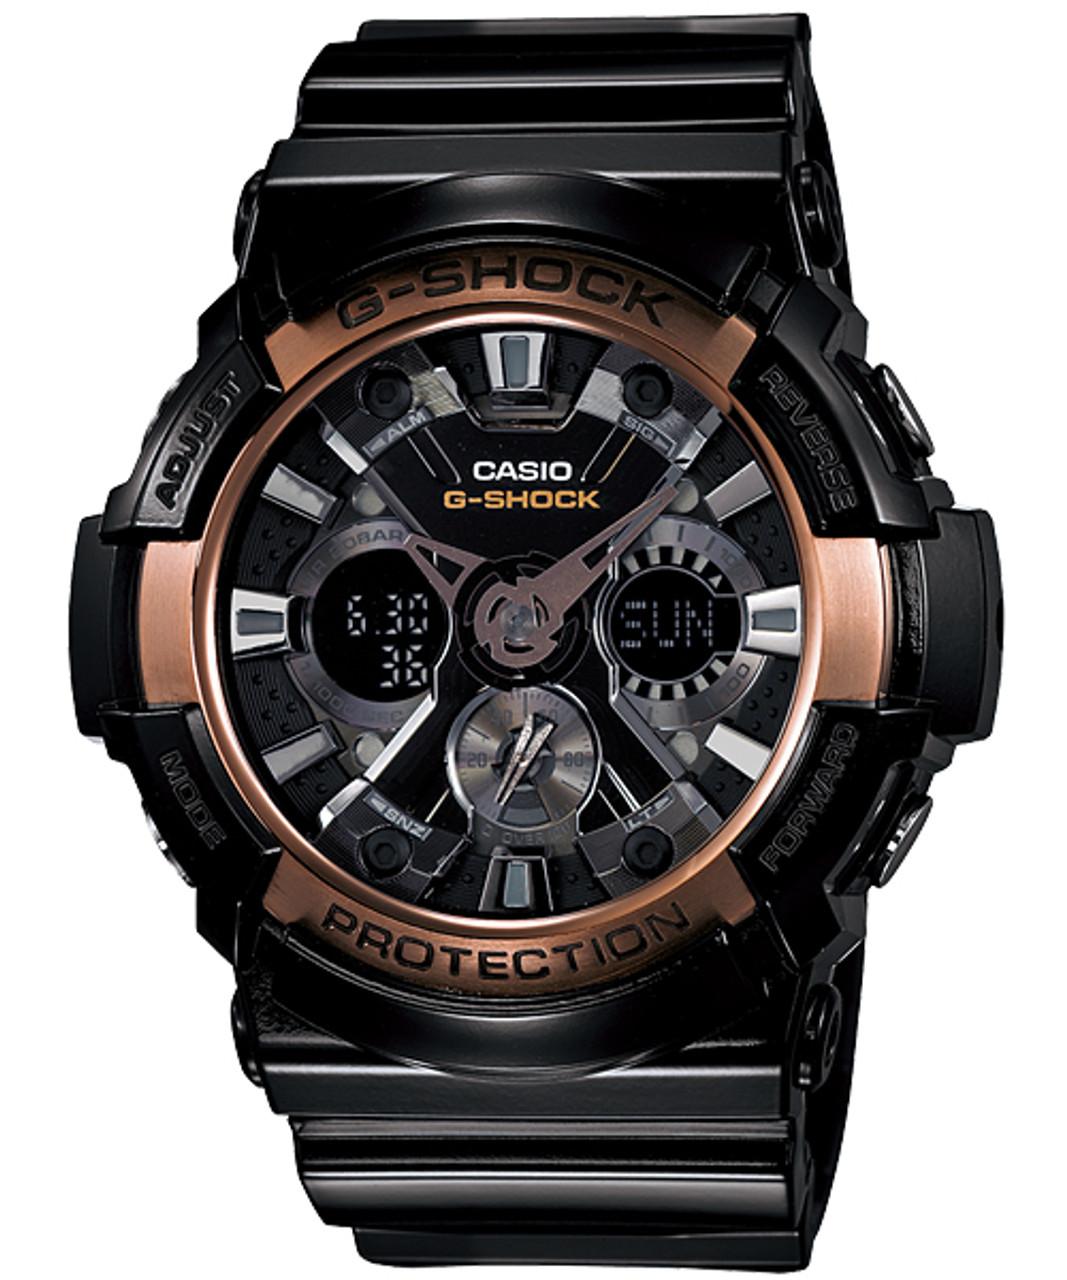 Casio G-Shock GA-200RG-1AJF Rose Gold Series